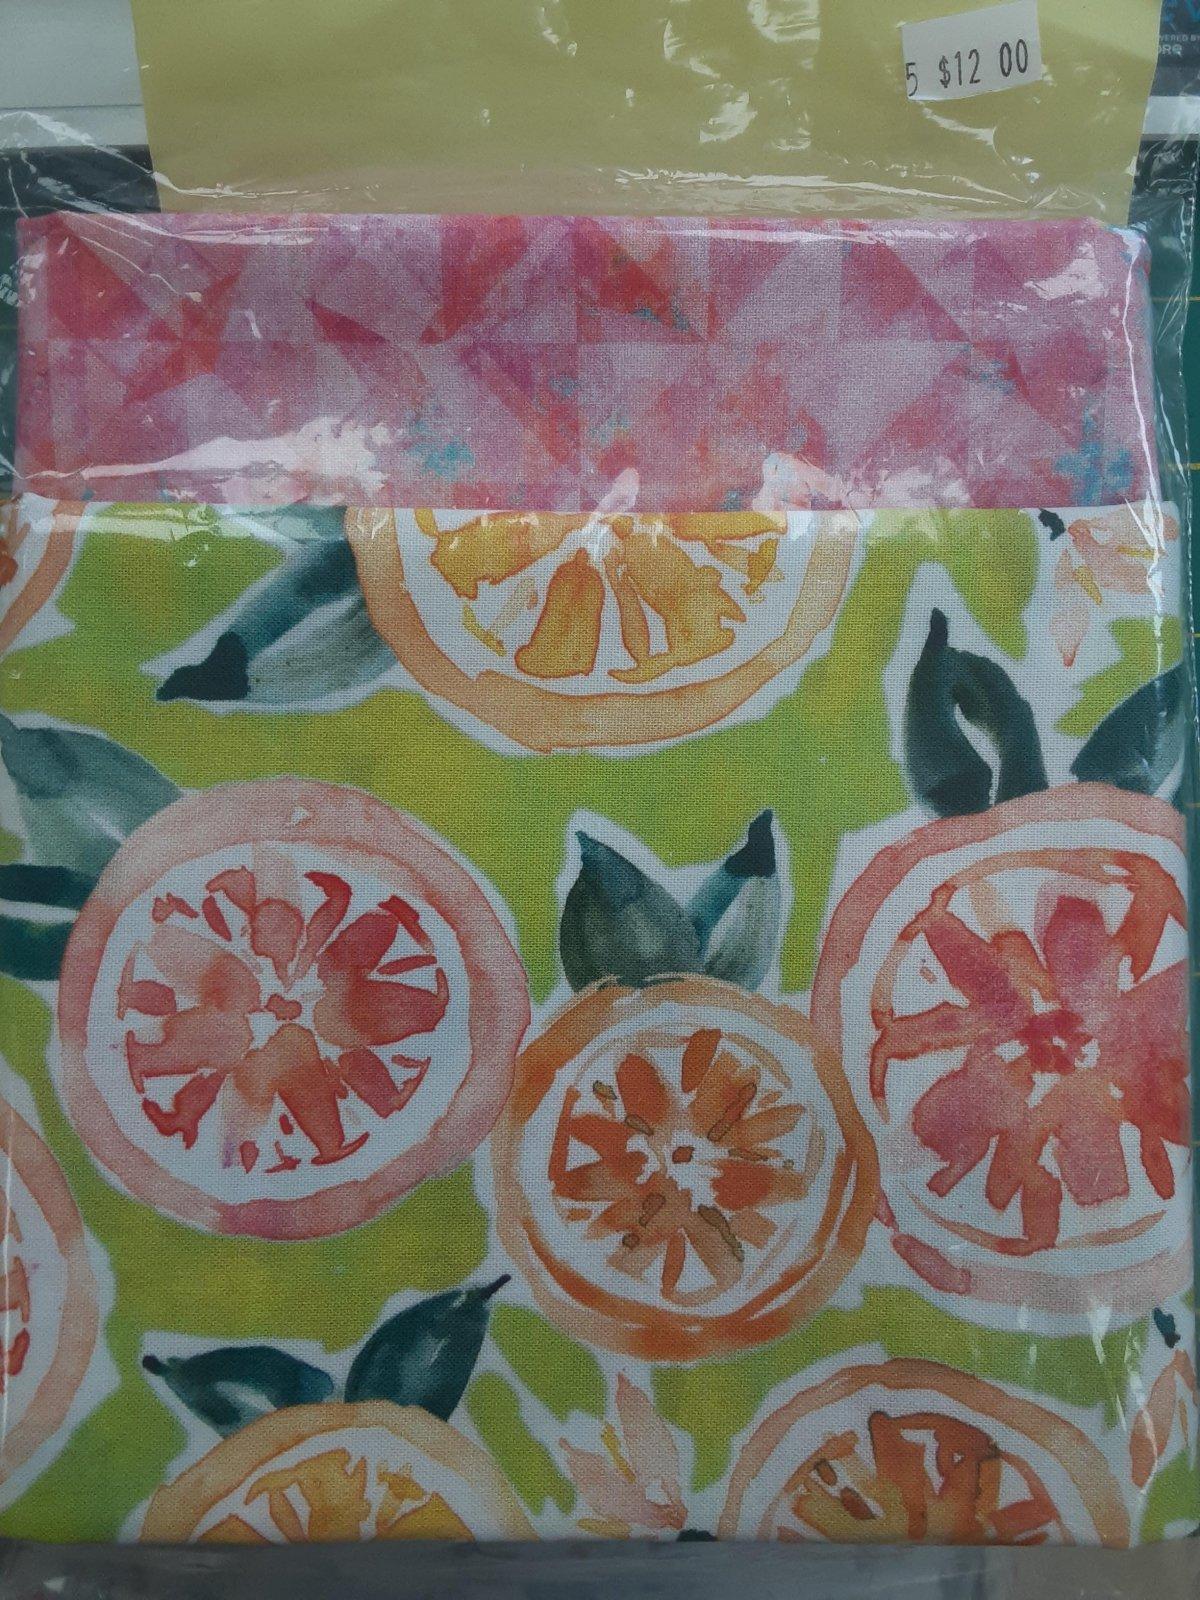 10 Minute Runner - Watercolor Fruit